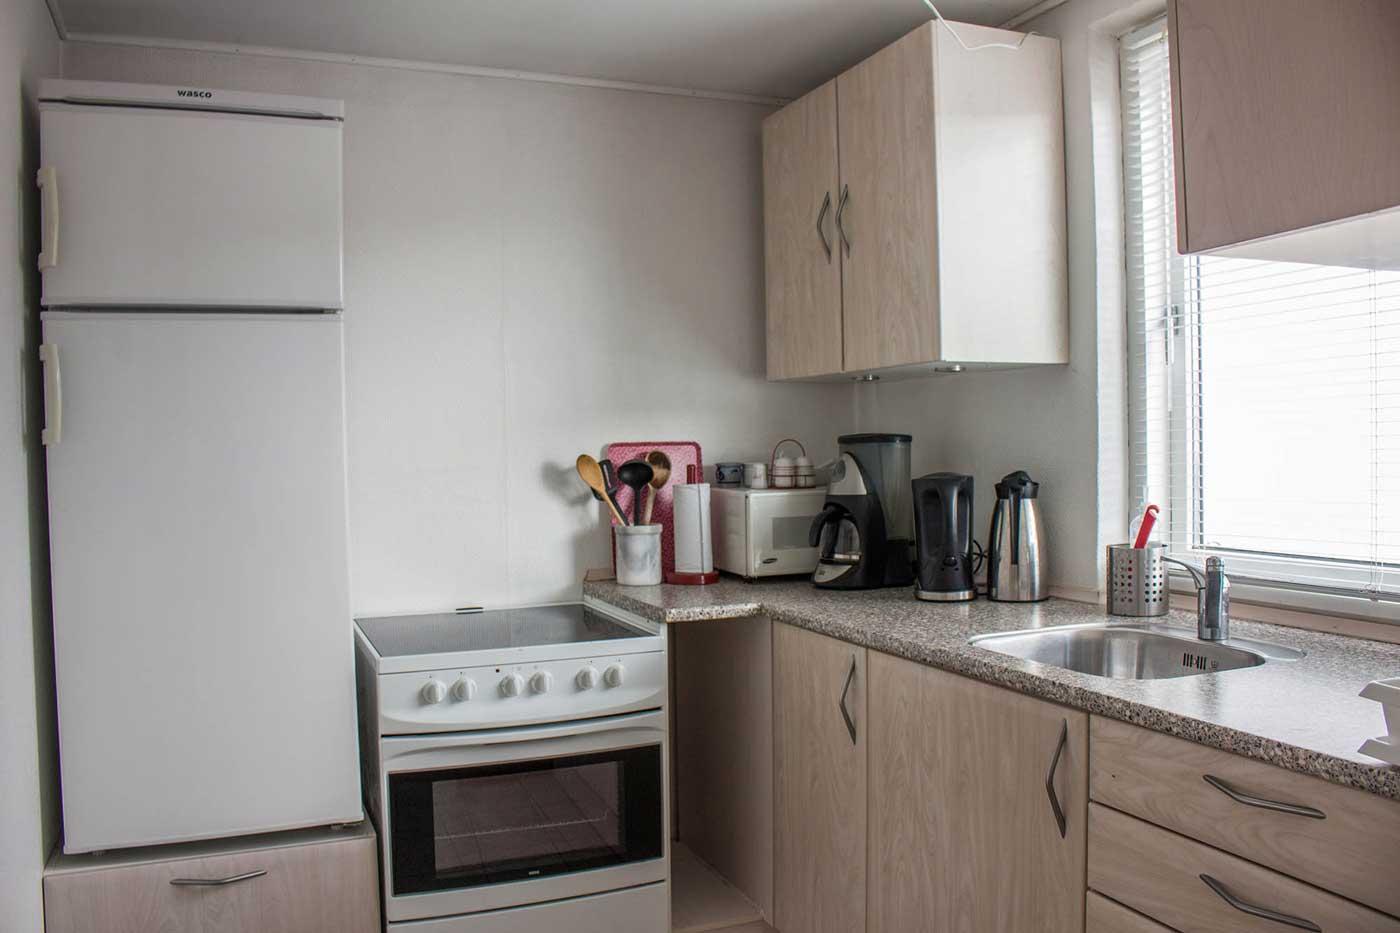 Køkkenet med kølefryseskab, ovn, komfur, elkedel, kaffemaskine mv.